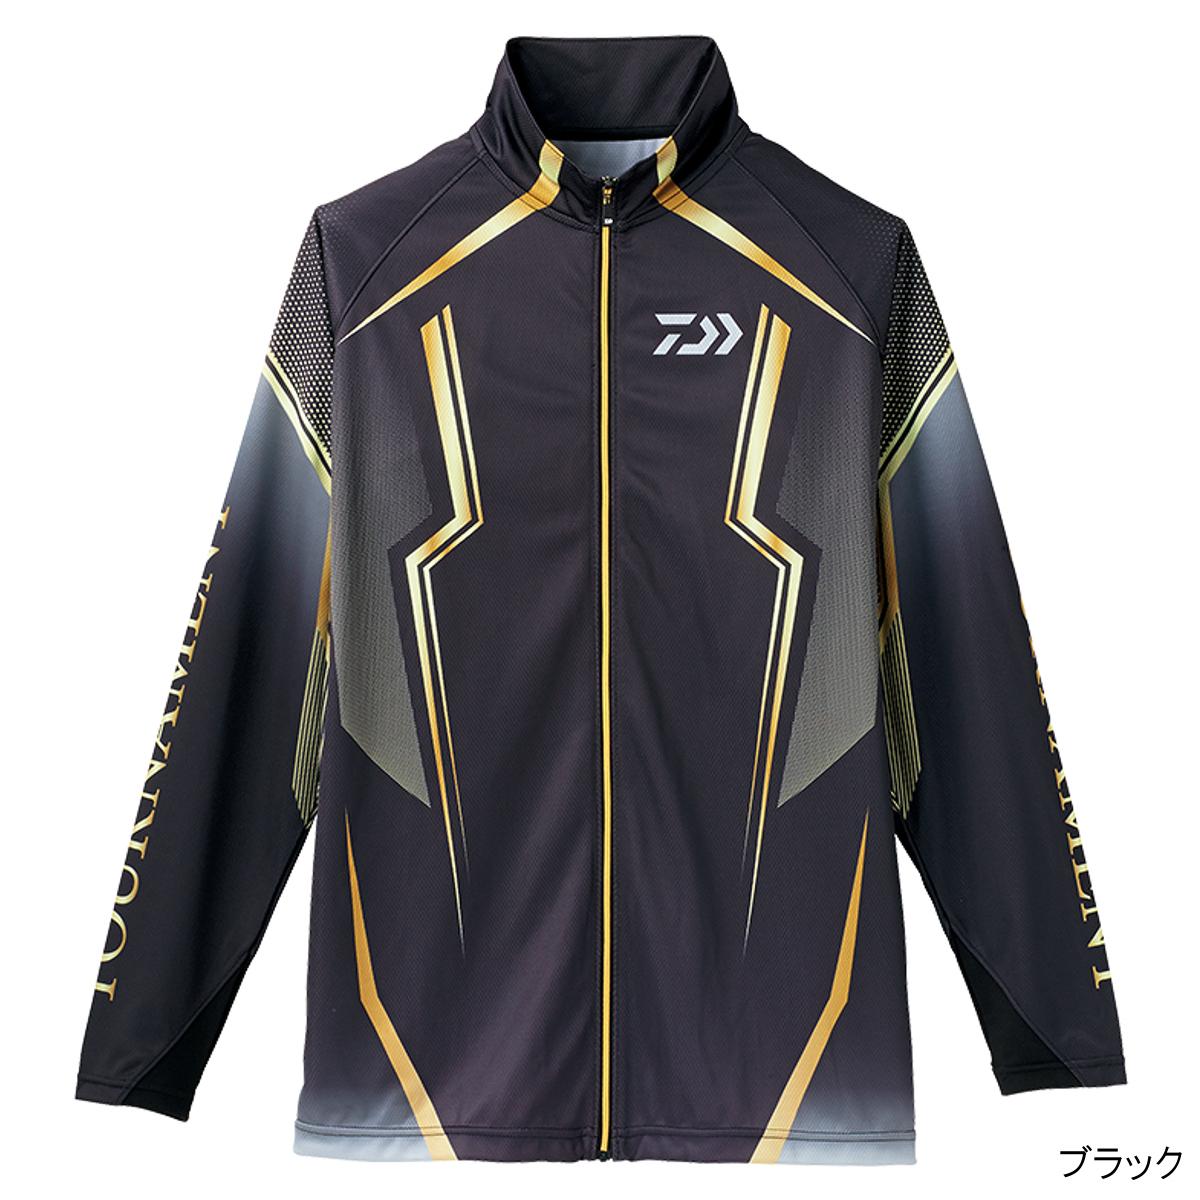 ダイワ トーナメント ドライフルジップ メッシュシャツ DE-73008 L ブラック(東日本店)